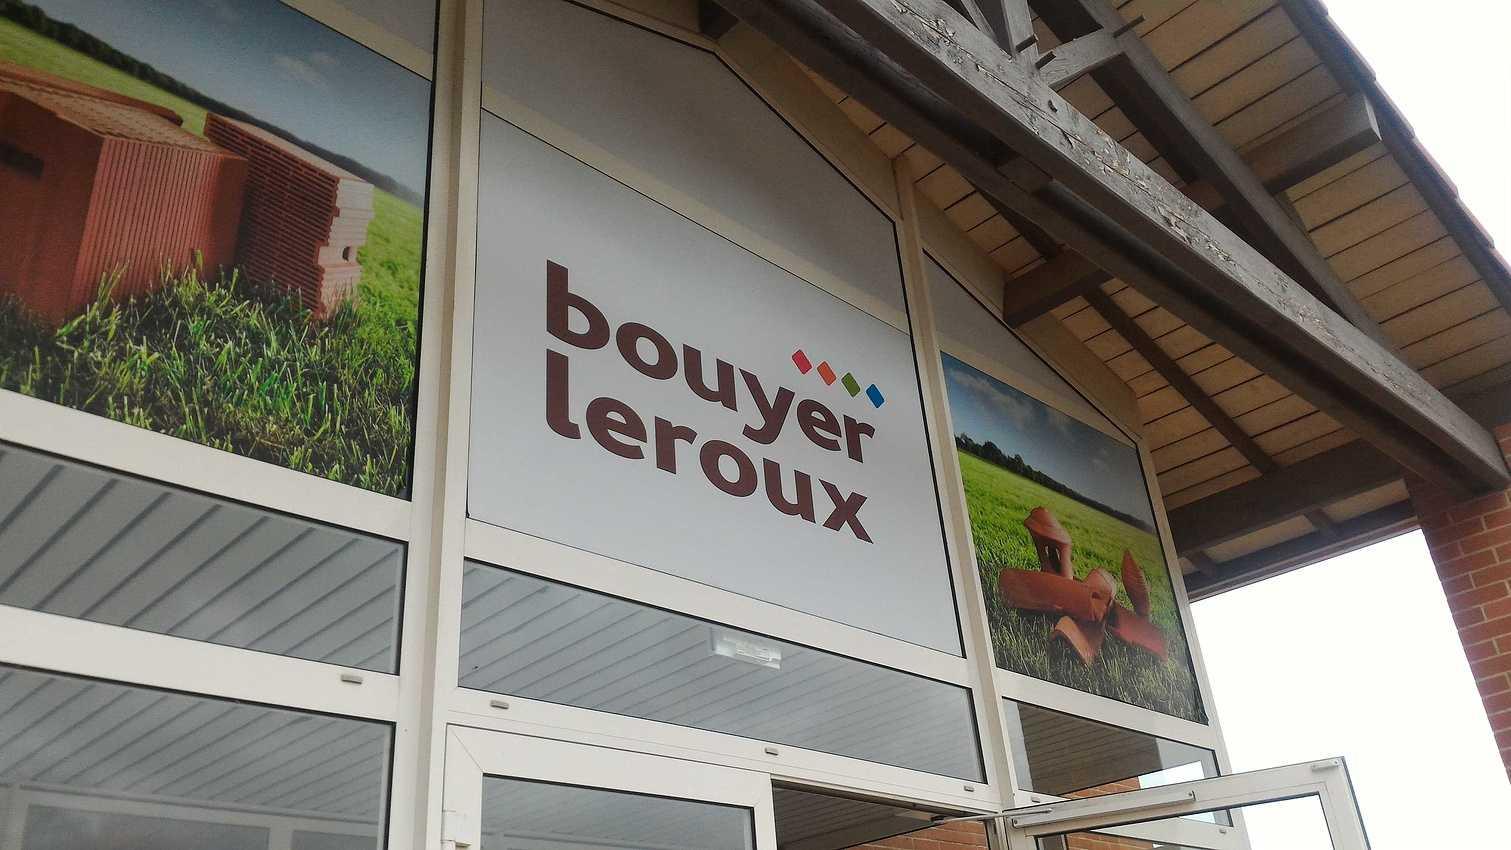 Visite Bouyer Leroux - Fabrication du Bloc en terre cuite p20180601100150